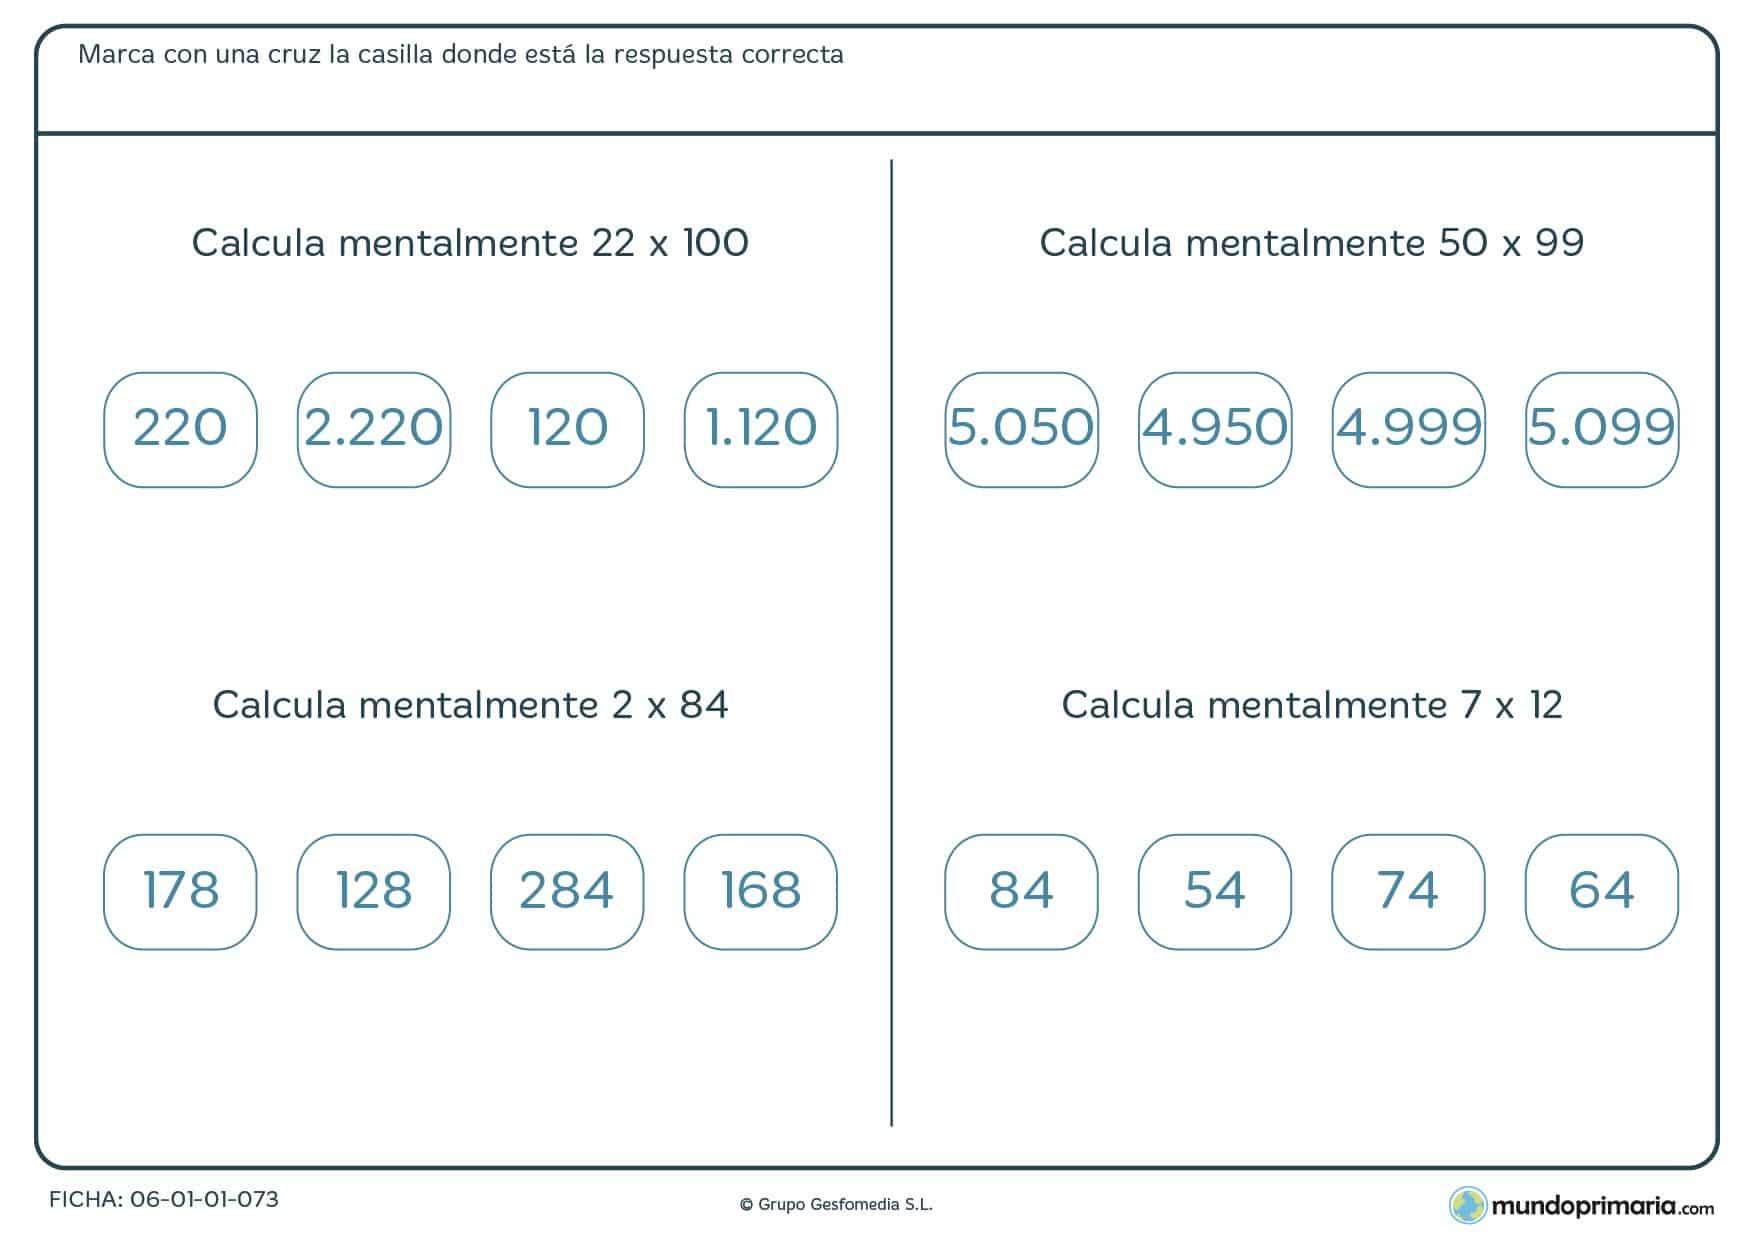 Ficha de calcular mentalmente multiplicaciones recomendada para alumnos de 4º de Primaria